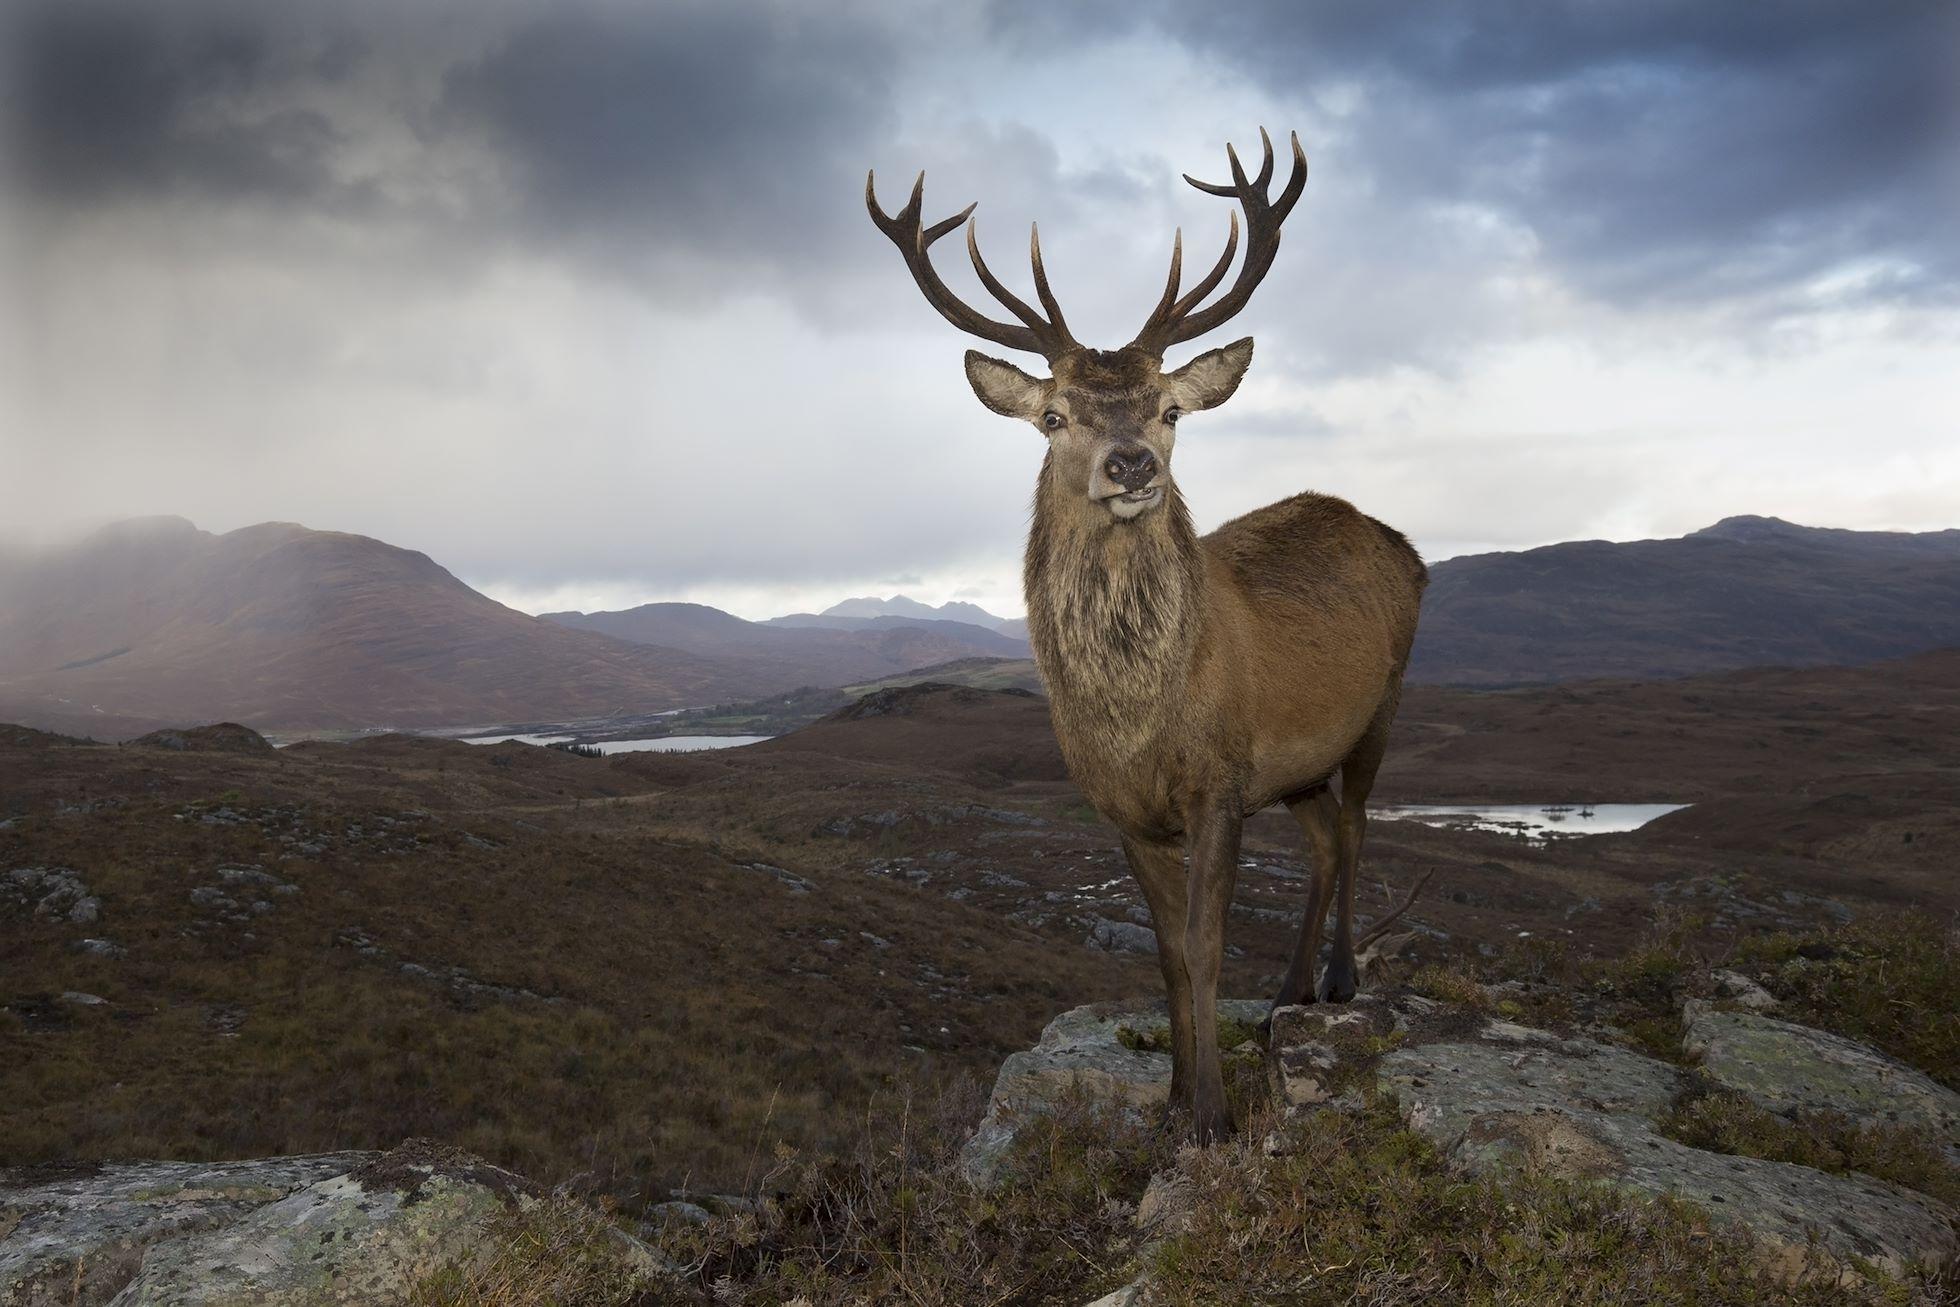 Red deer (Cervus elaphus) stag in west Highland landscape, Lochcarron, Wester Ross, Scotland